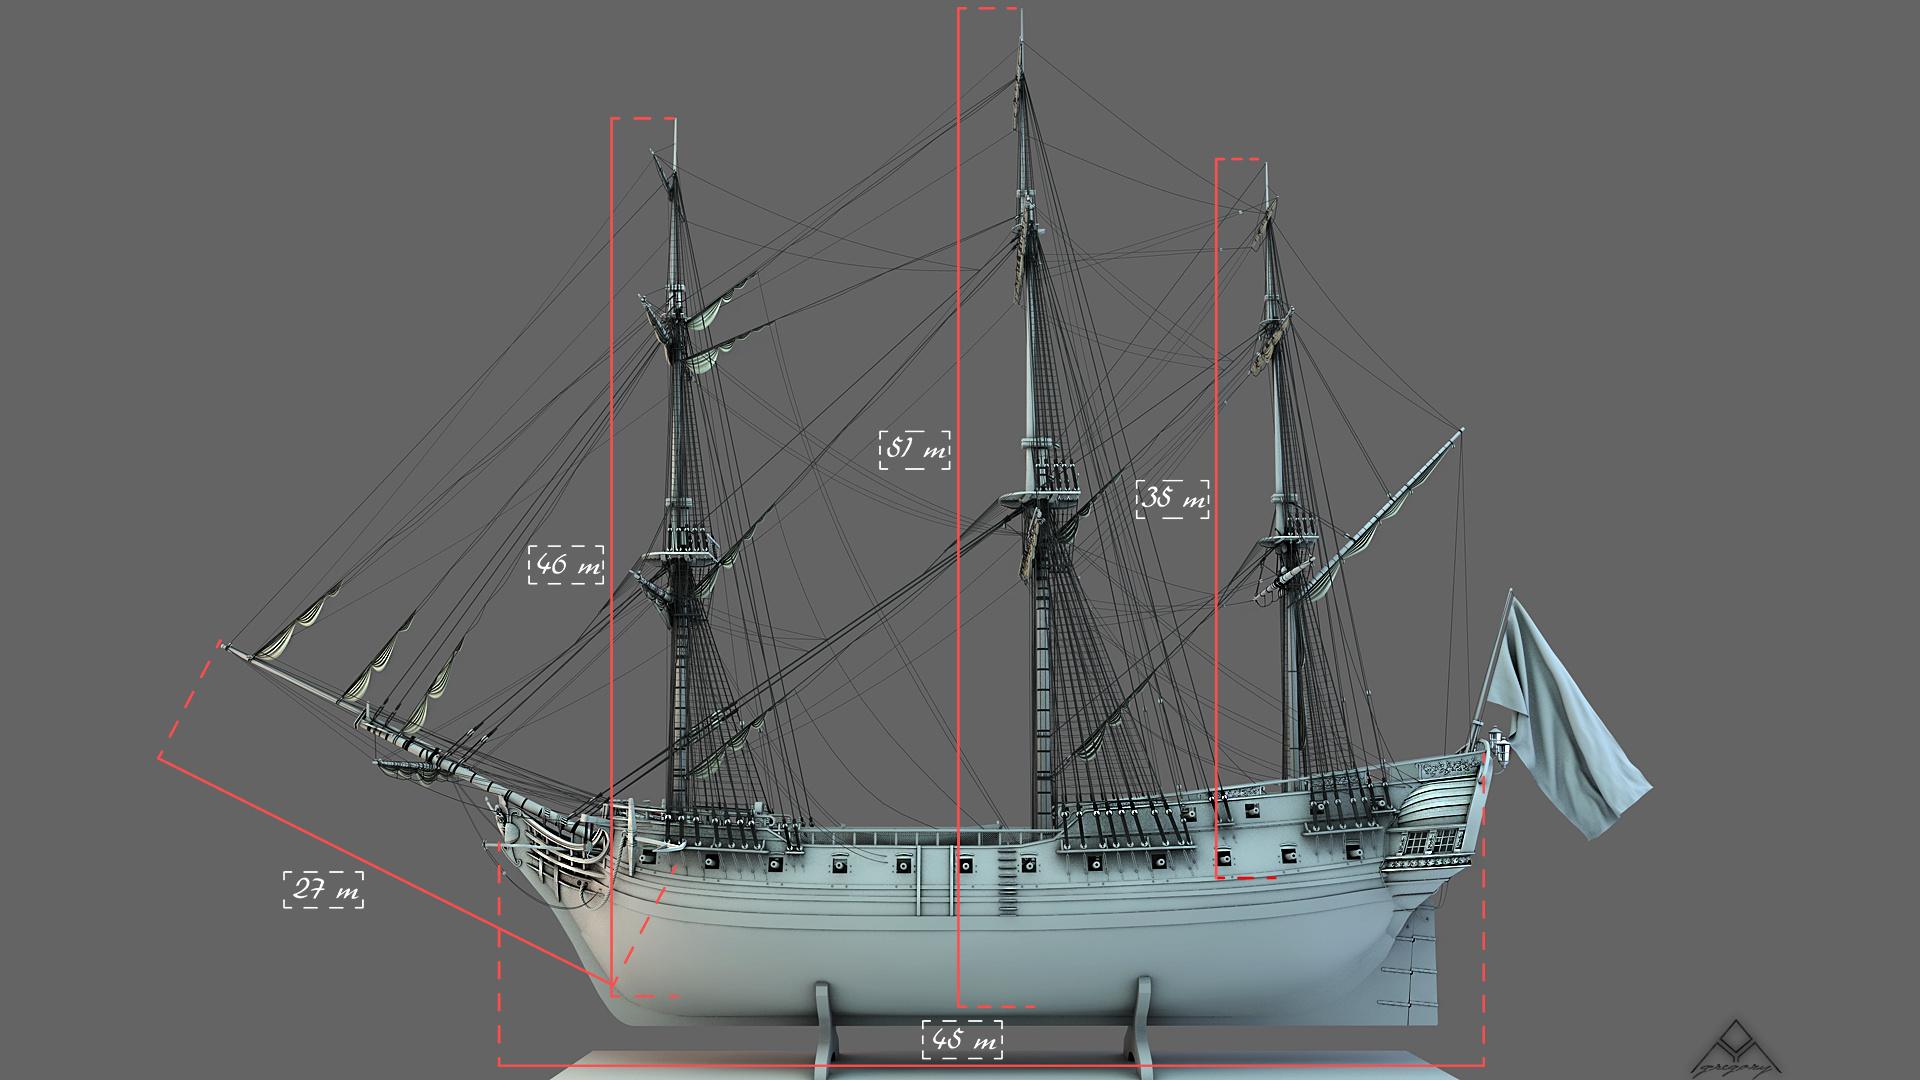 Frégate m'a première réalisation d'un navire en 3D. - Page 6 Frzoga24